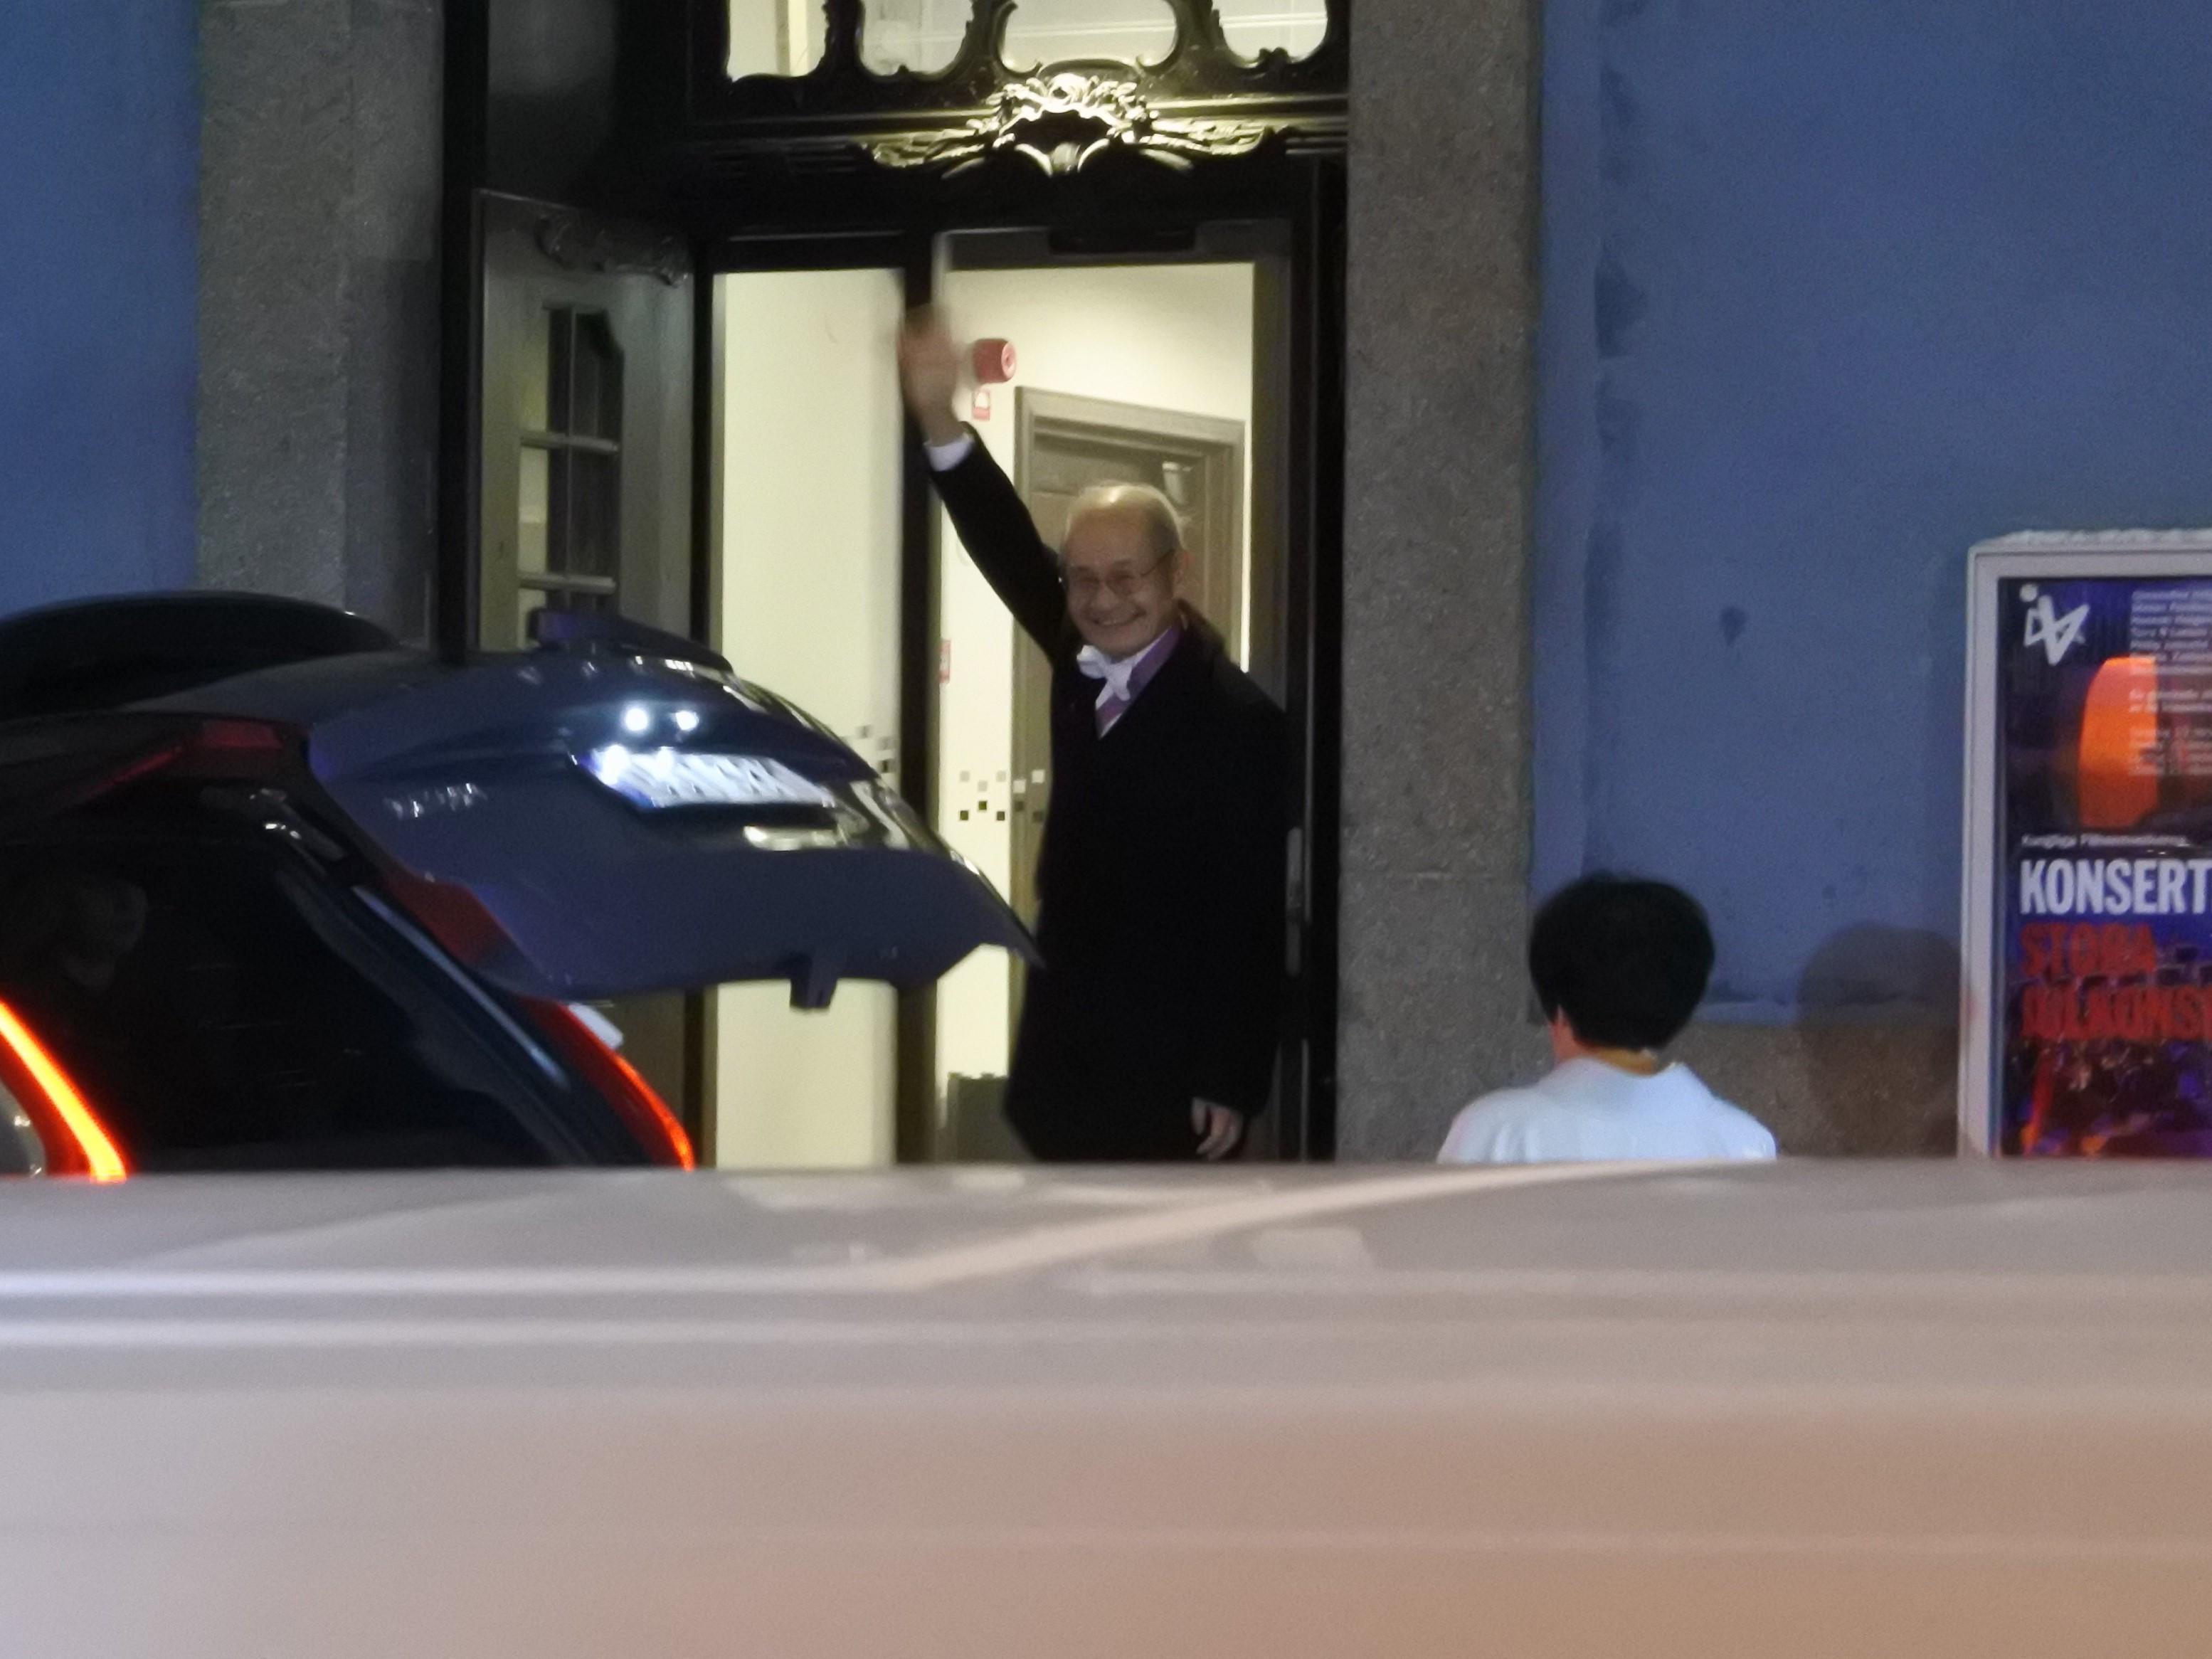 授賞式会場のストックホルムコンサートホールに入る際、報道陣の呼びかけに手を振って応える吉野教授。現地でもサービス精神は欠かさなかった